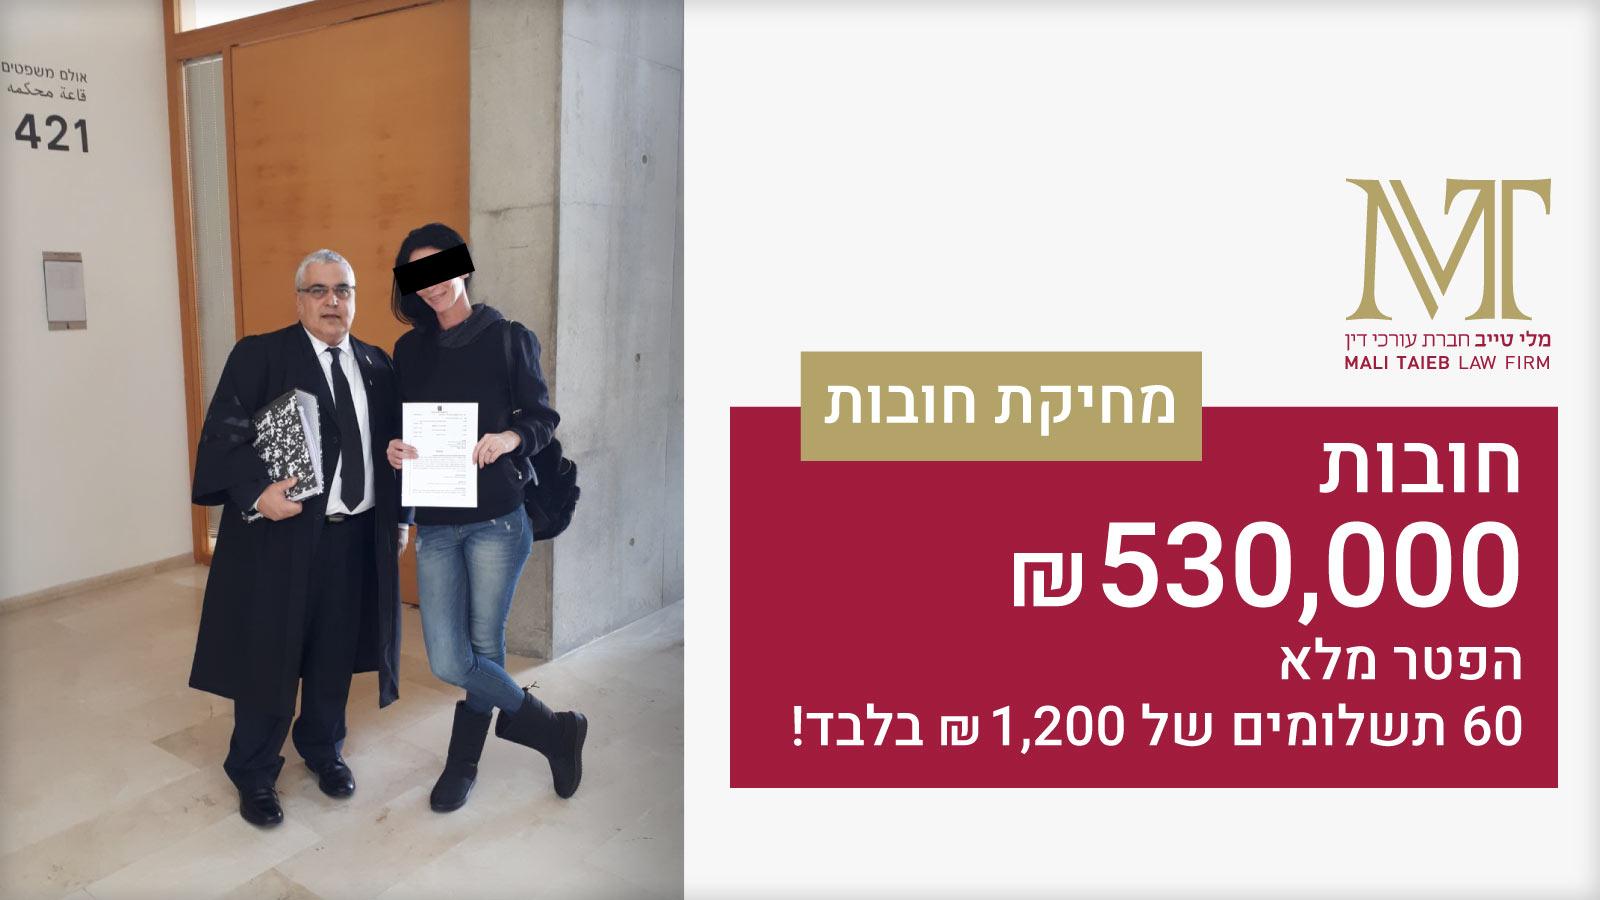 מחיקת חובות של 530,000 אלף ₪ בהפטר מלא תמורת 60 תשלומים של 1,200 ₪ - חברת עורכי דין מלי טייב